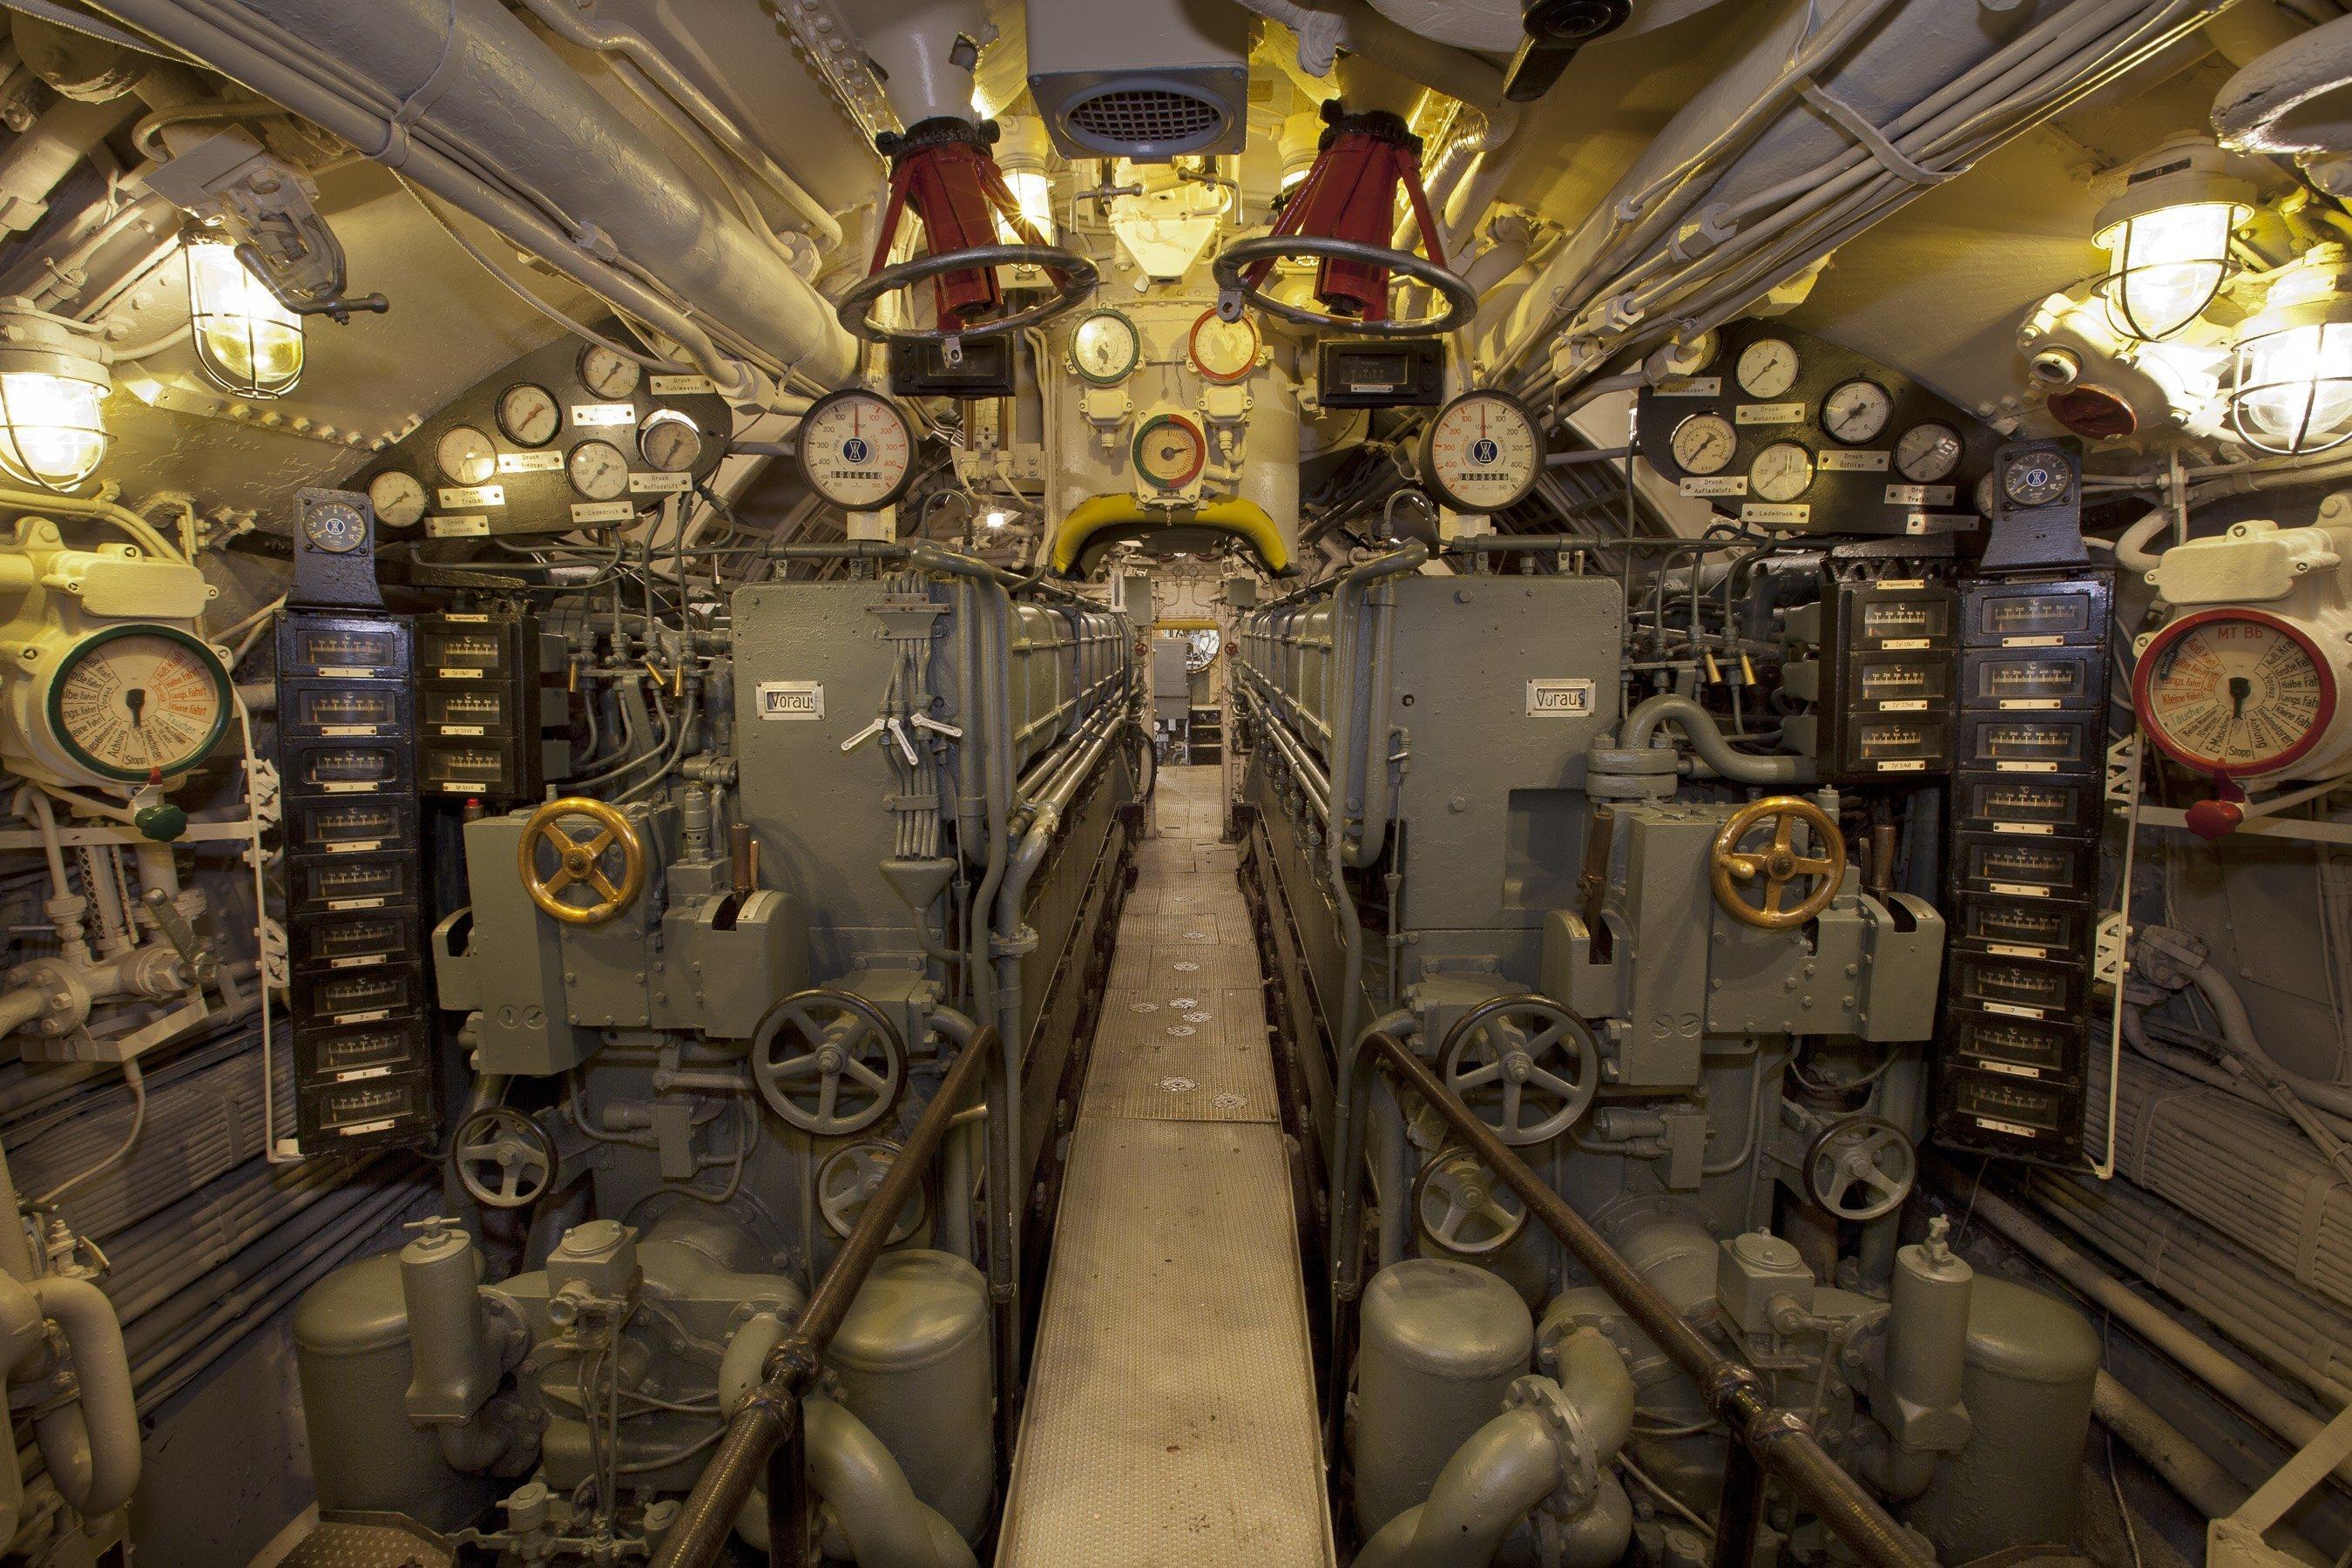 клинкеты на подводной лодке фото самый молодой город